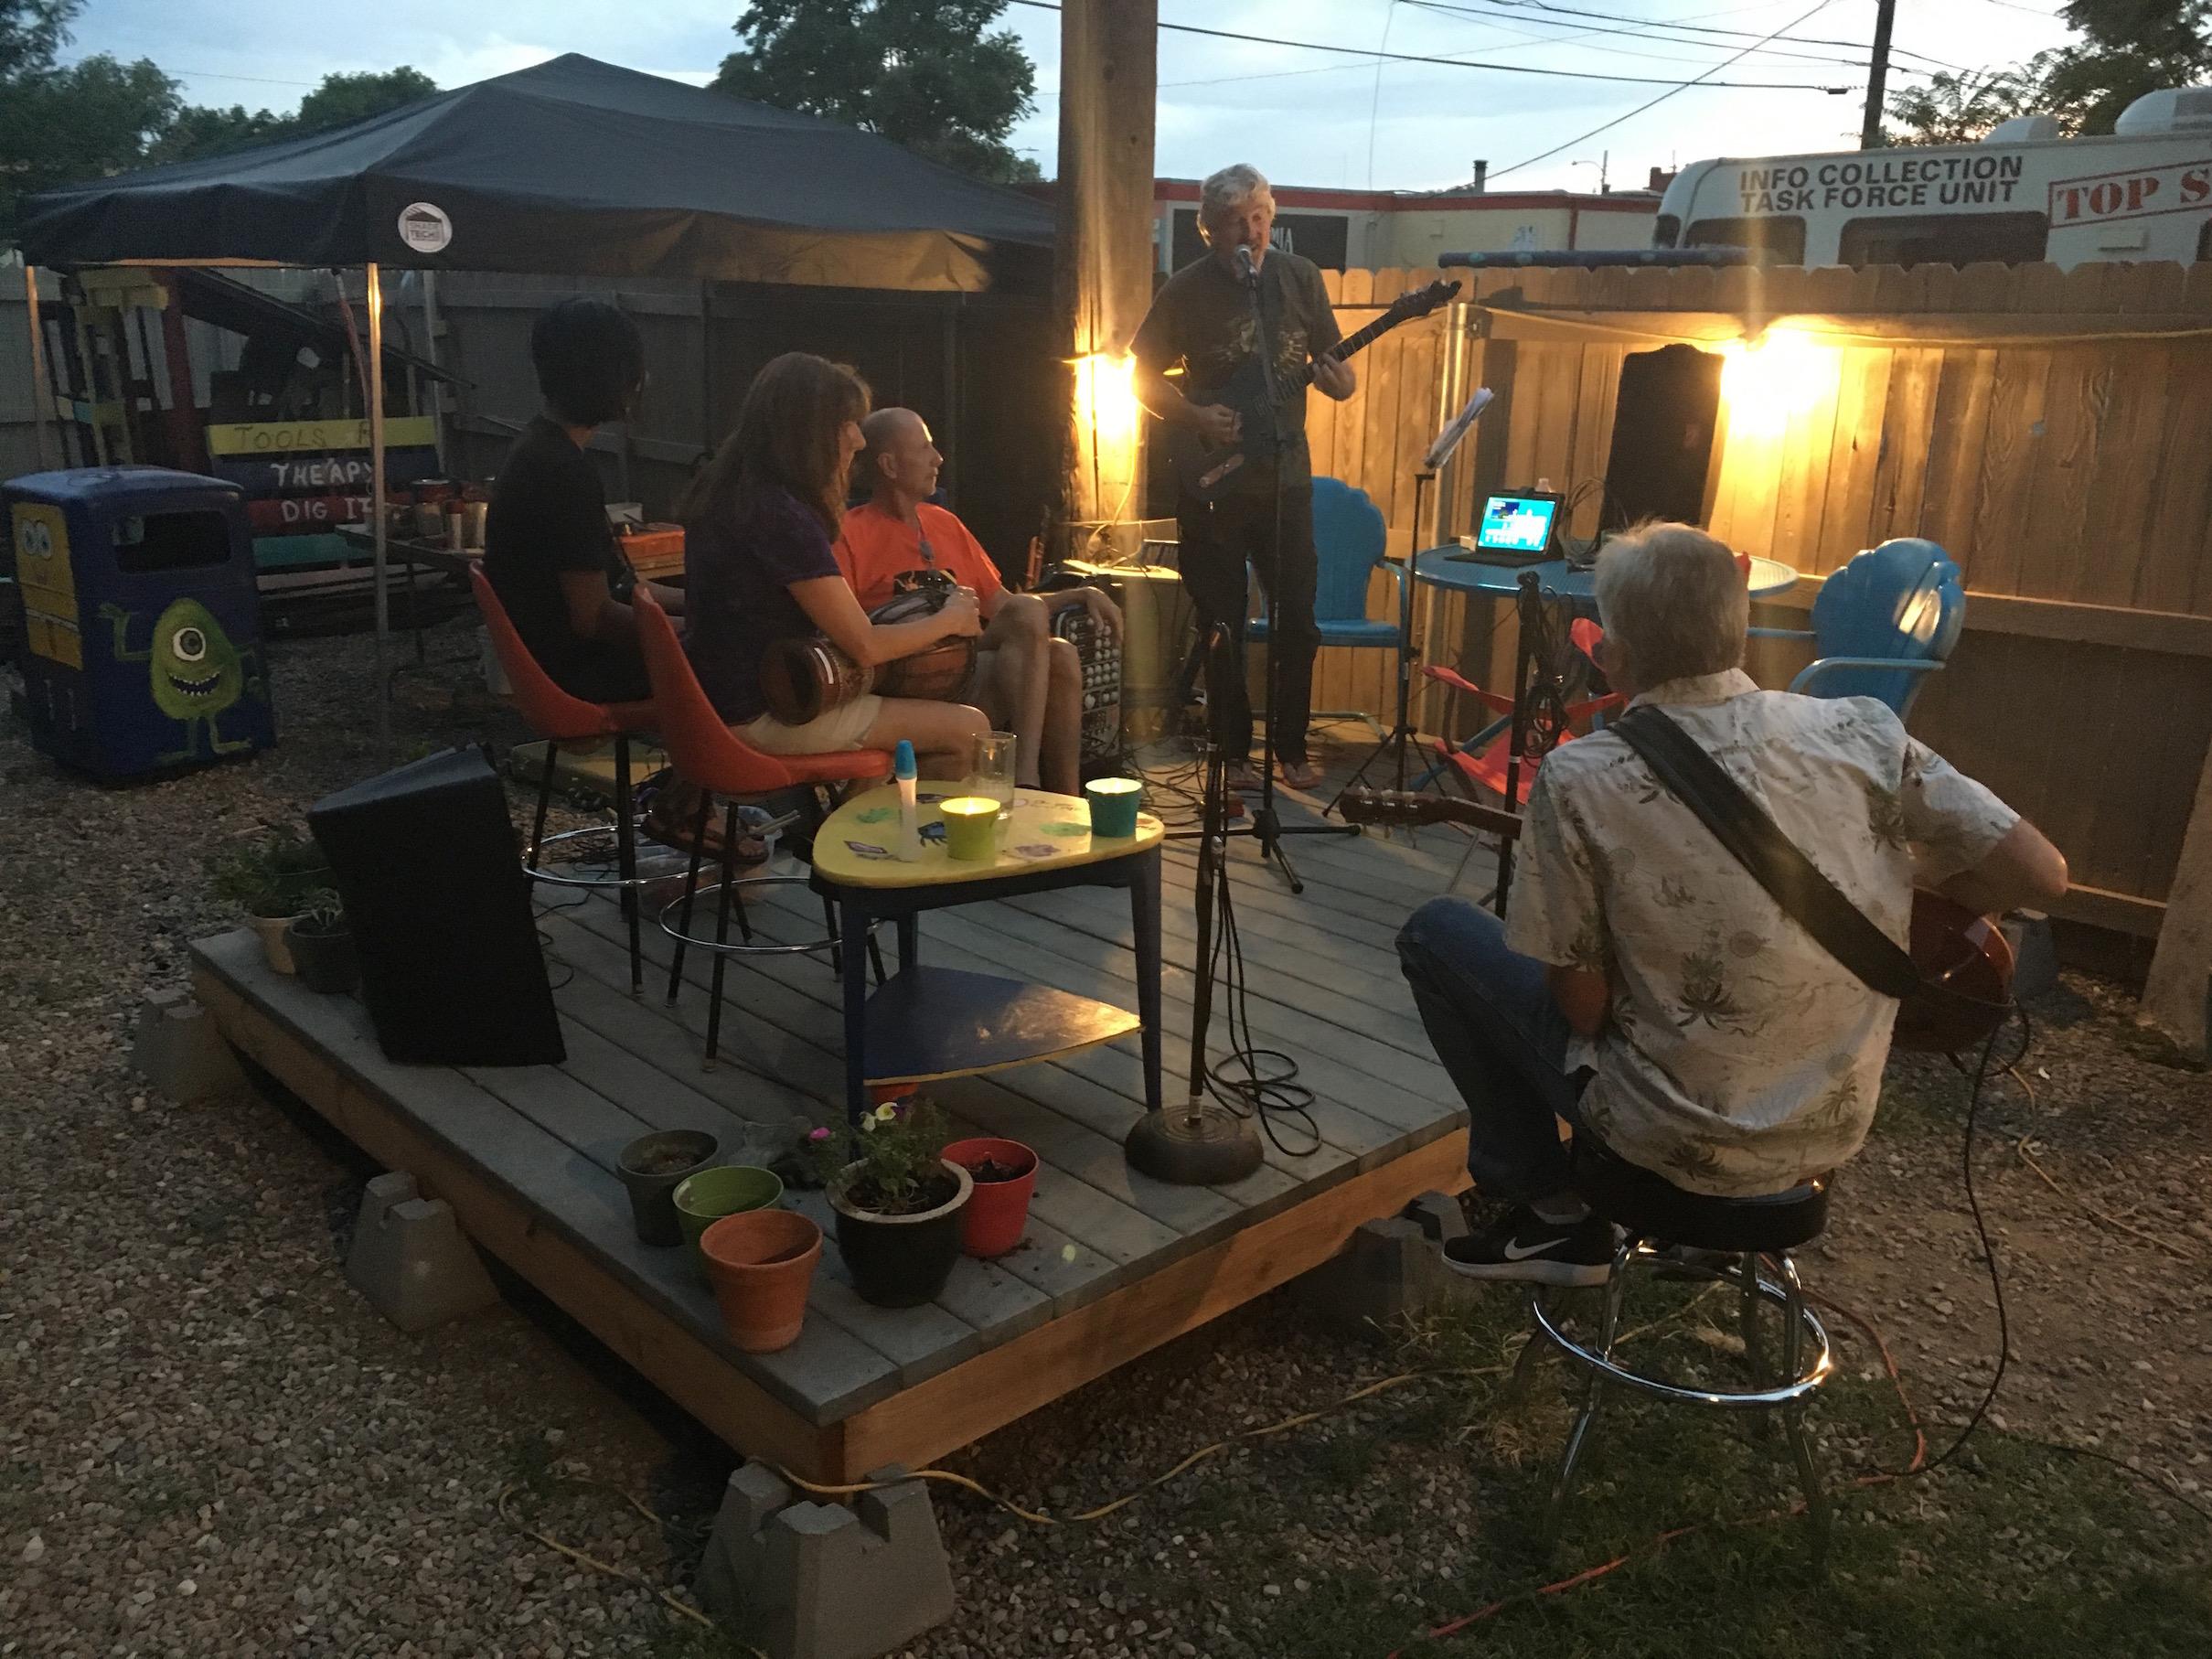 backyard activities music jam pueblo house 1160